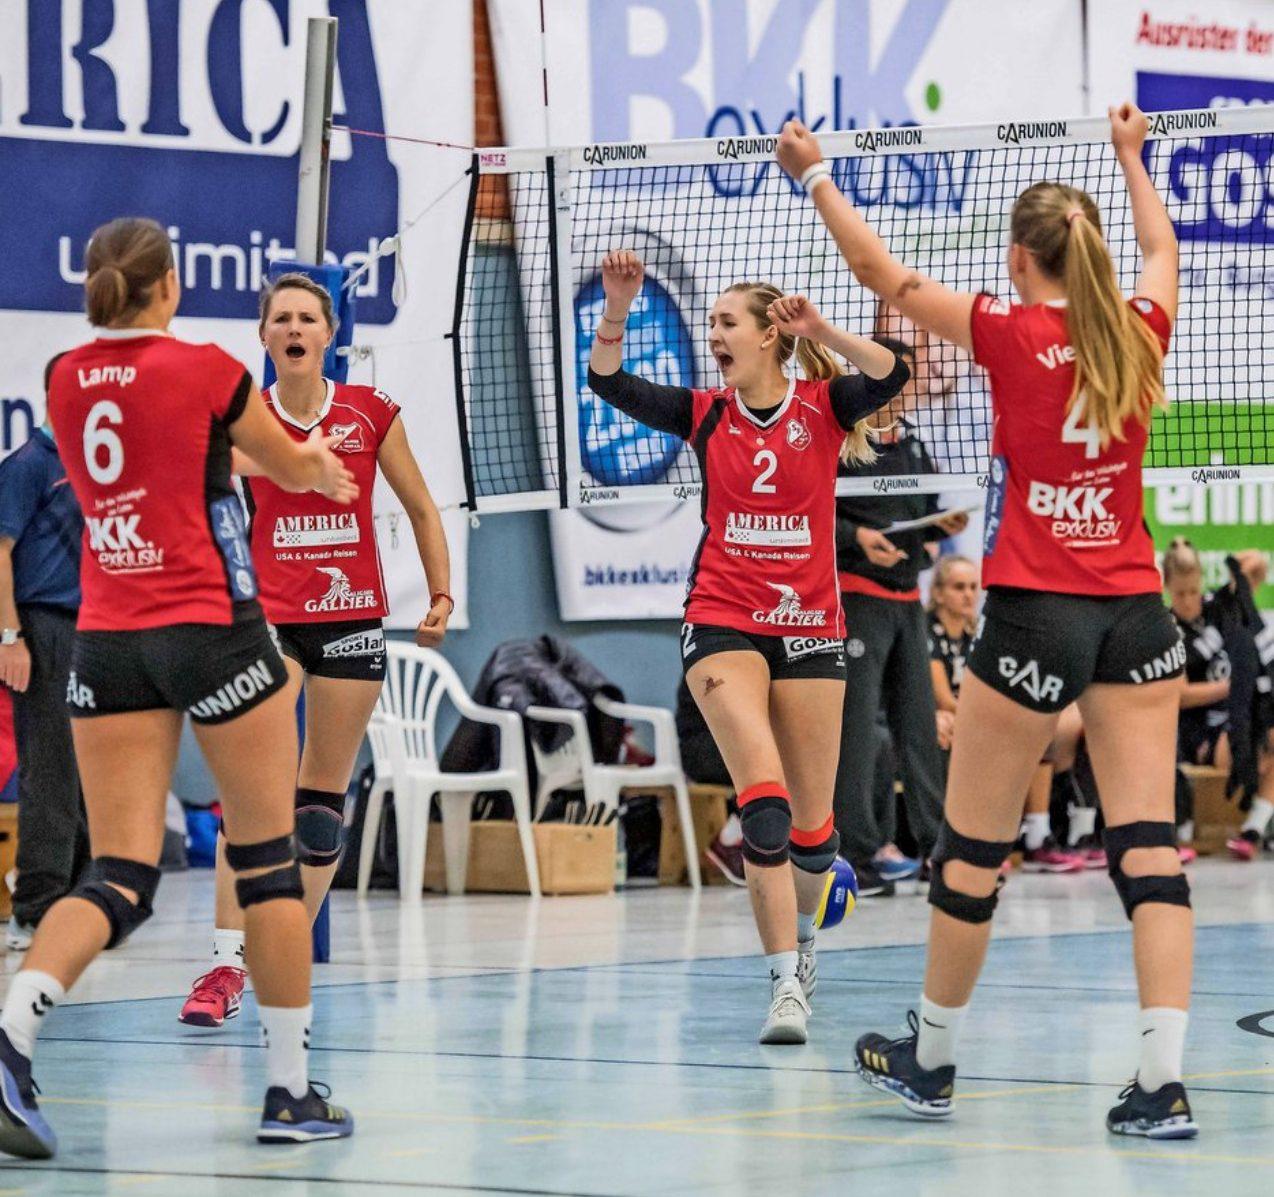 Aligses Frauen verkaufen sich gut – Aber 0:3-Niederlage gegen Leverkusen. Volleyball-Herren siegen in der dritten Liga.